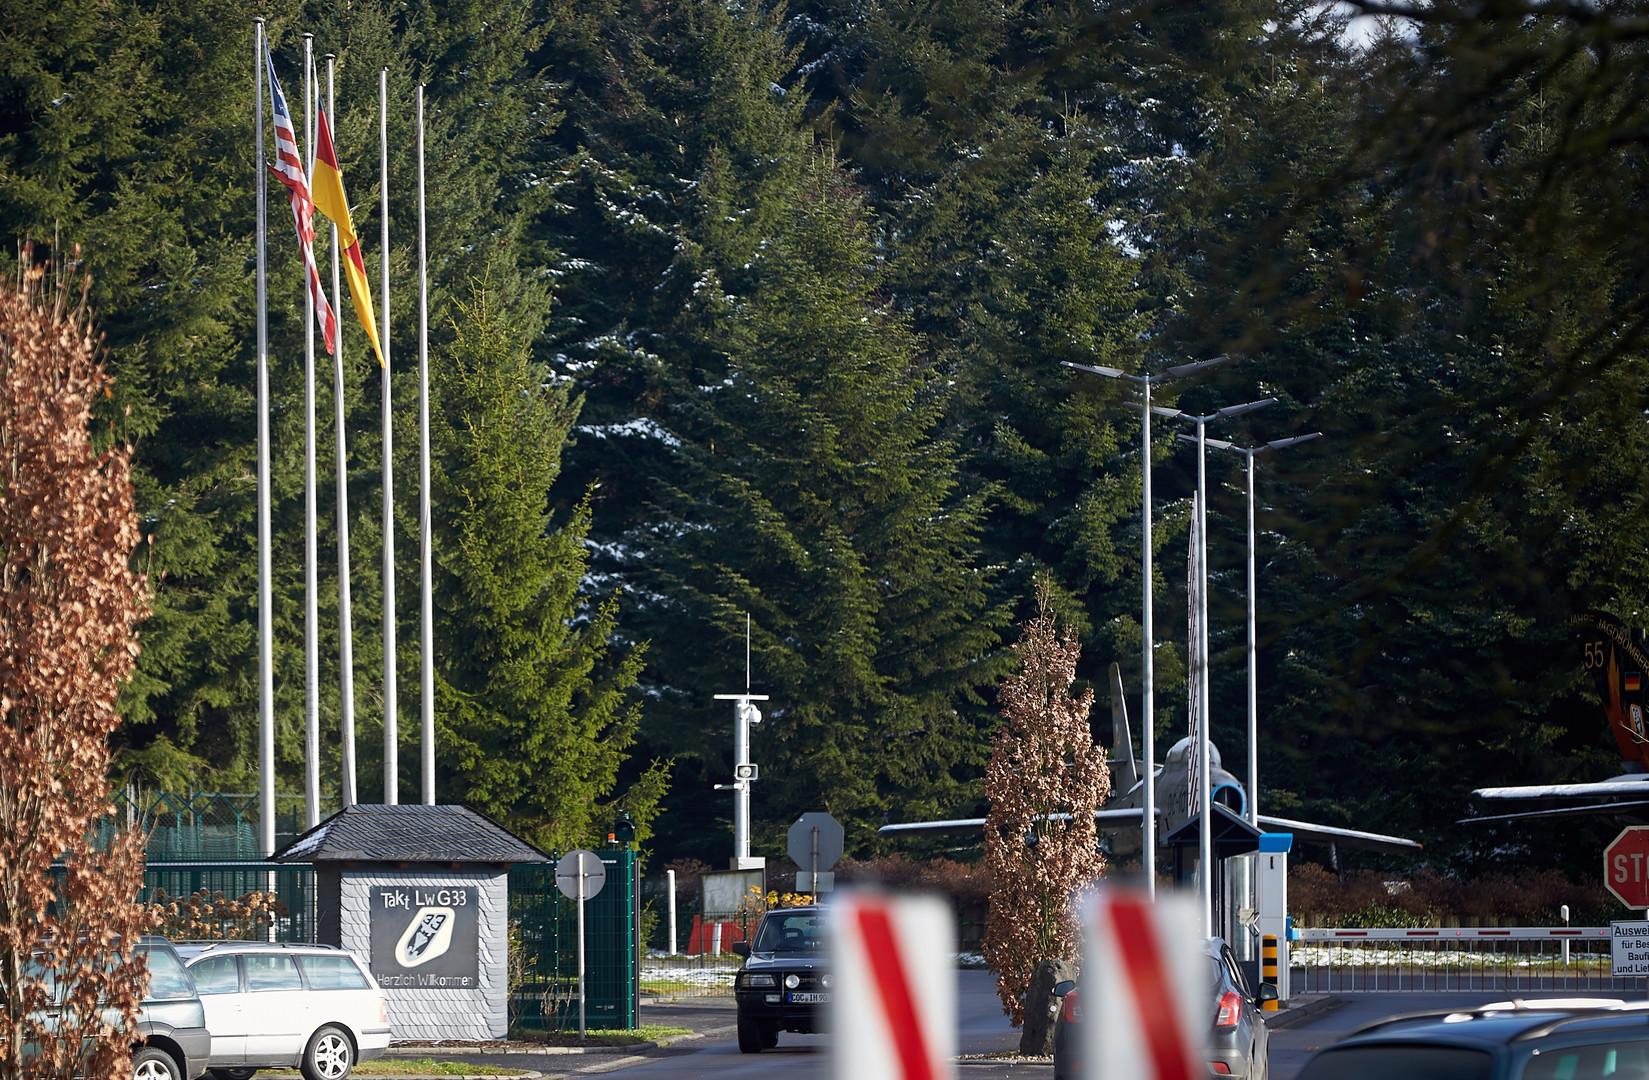 Protestwochen gegen US-Atomwaffen im Bundeswehr-Fliegerhorst Büchel